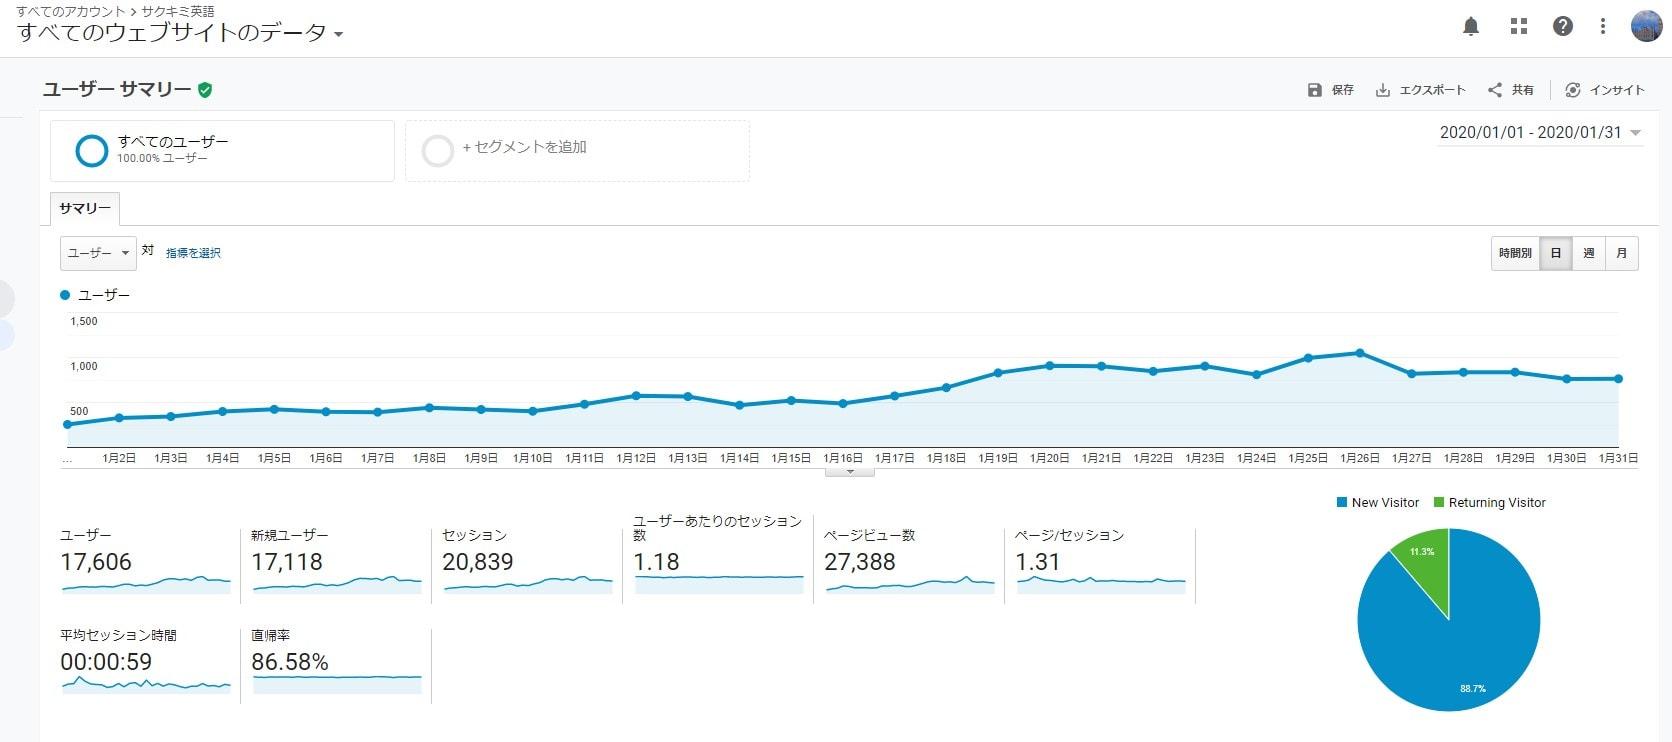 ブログで100記事書いた時のアクセス数(PV)